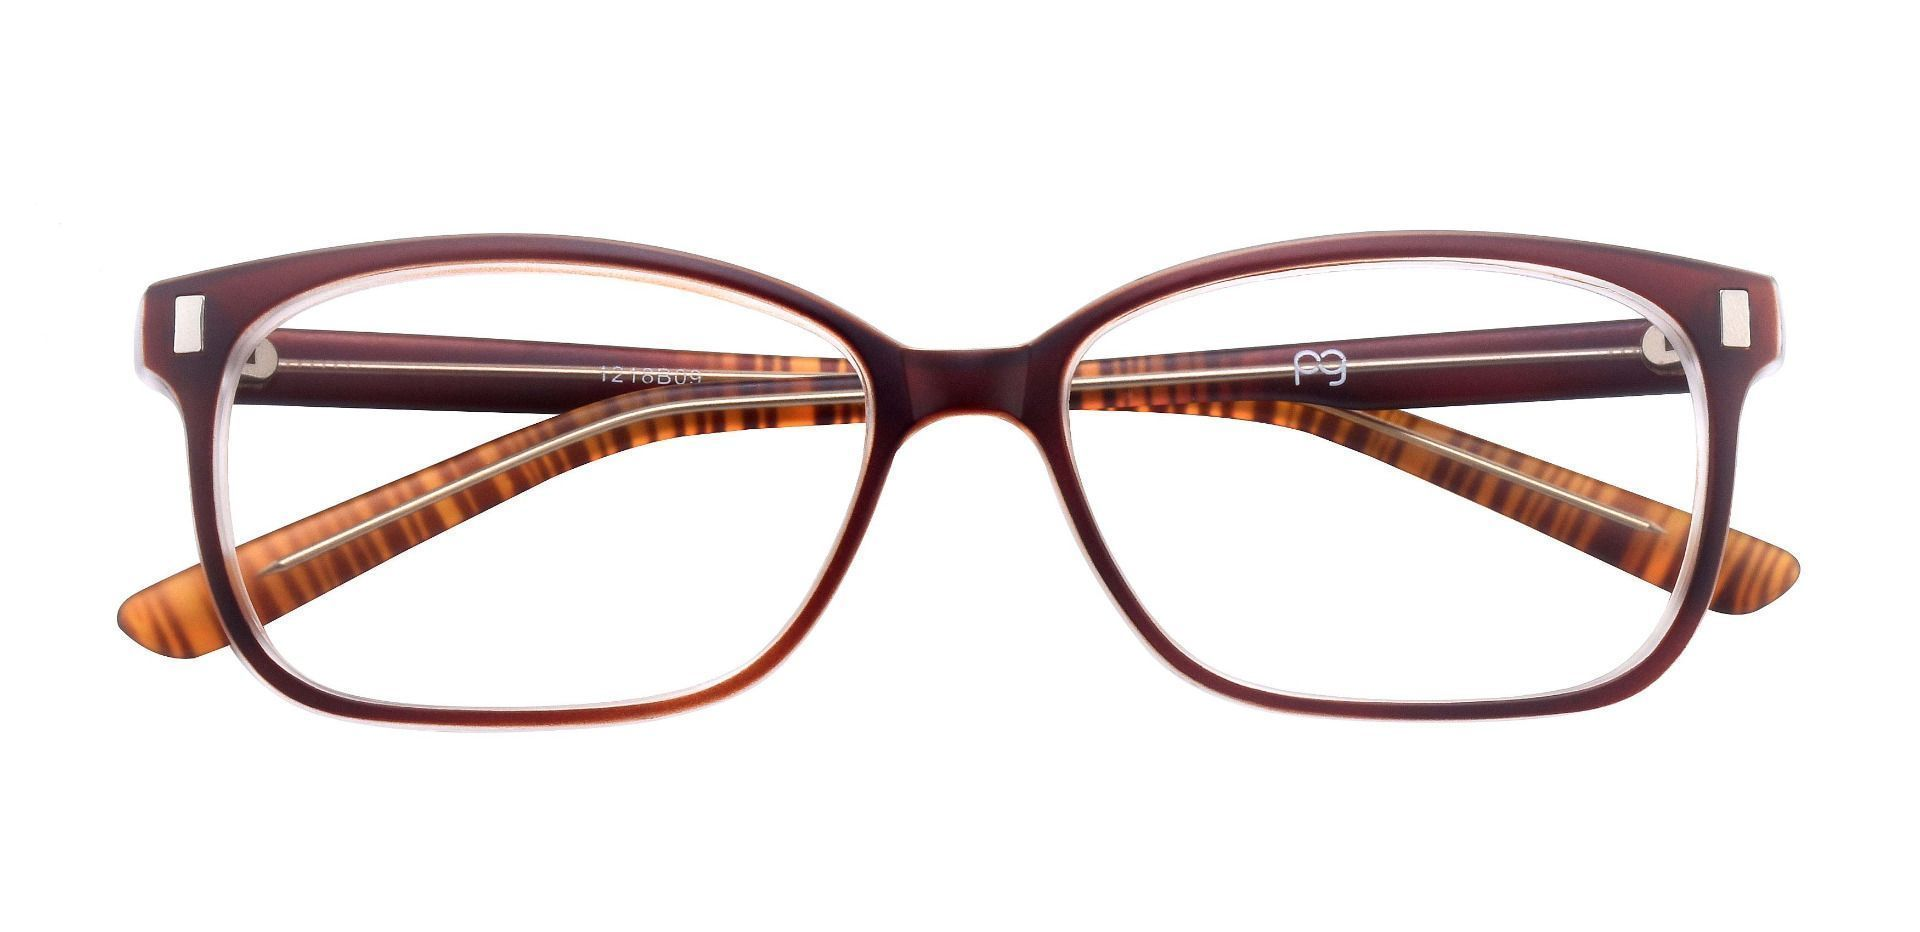 Landry Square Prescription Glasses - Brown